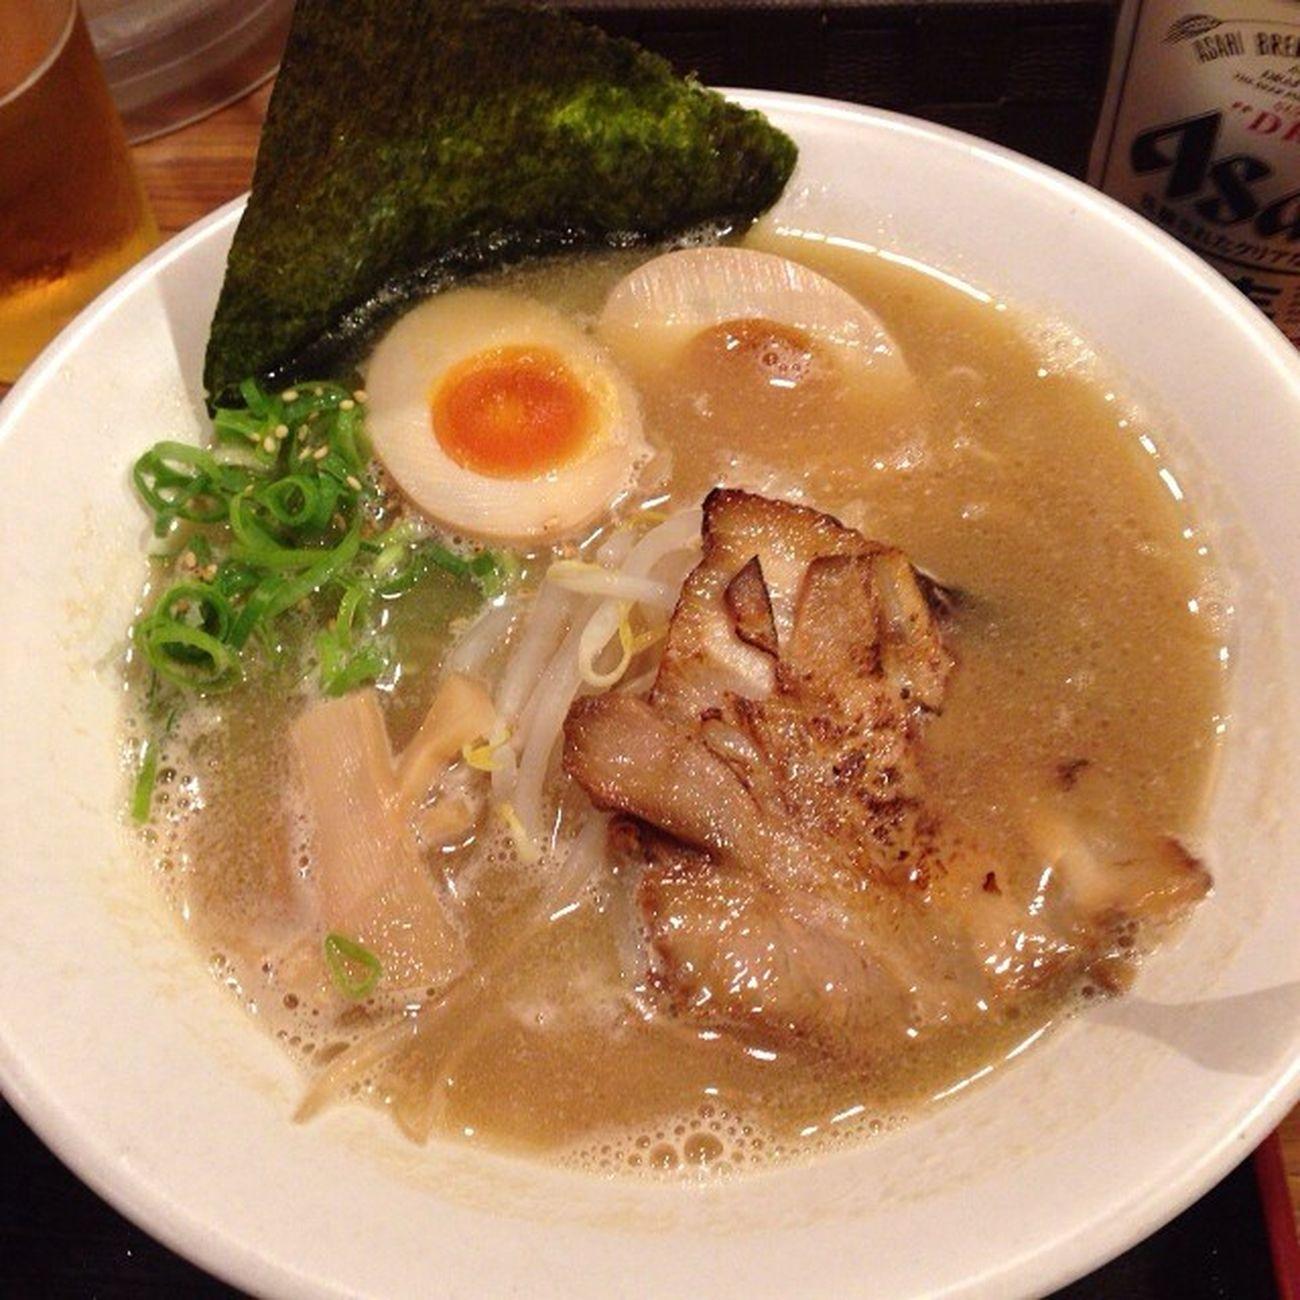 元町ラーメン (≧∇≦) ラーメン 老麺 拉麺 ラーメン 食べ物食べものrameninstalikeinstadairlyinstafoodfoodpicfoodlikefood